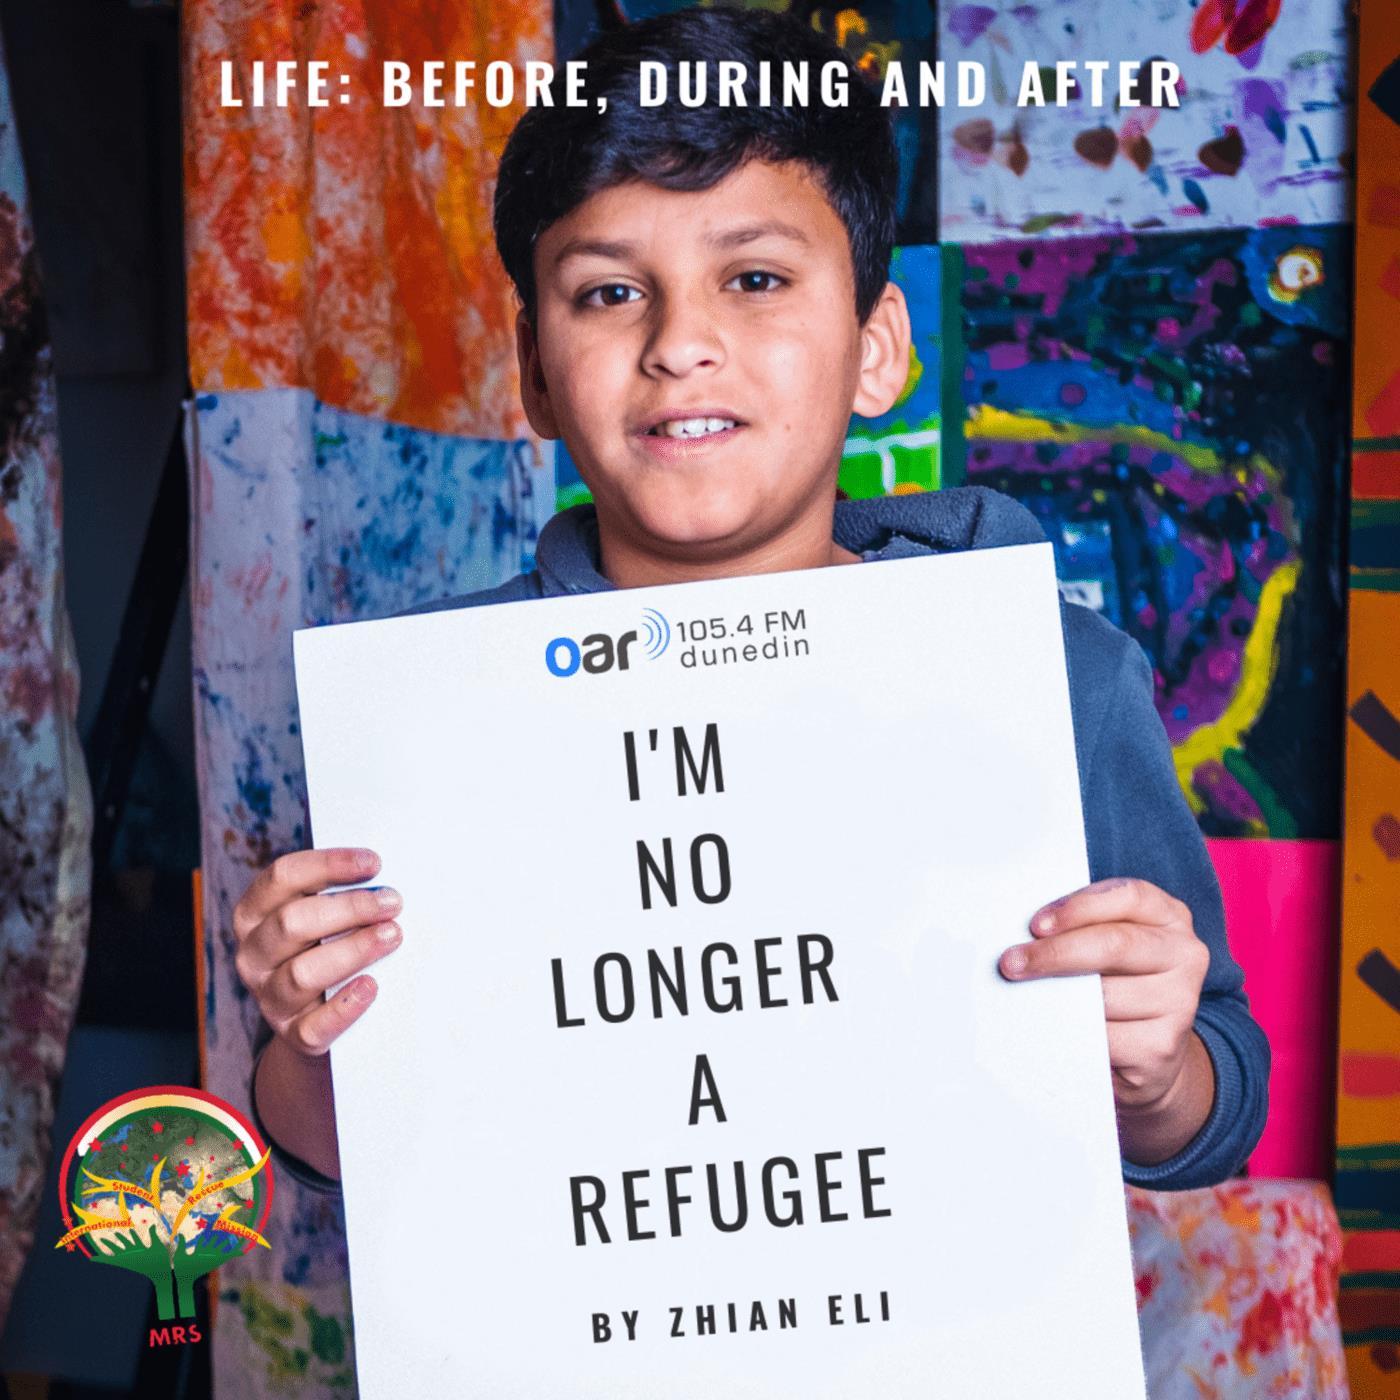 I'm No Longer a Refugee